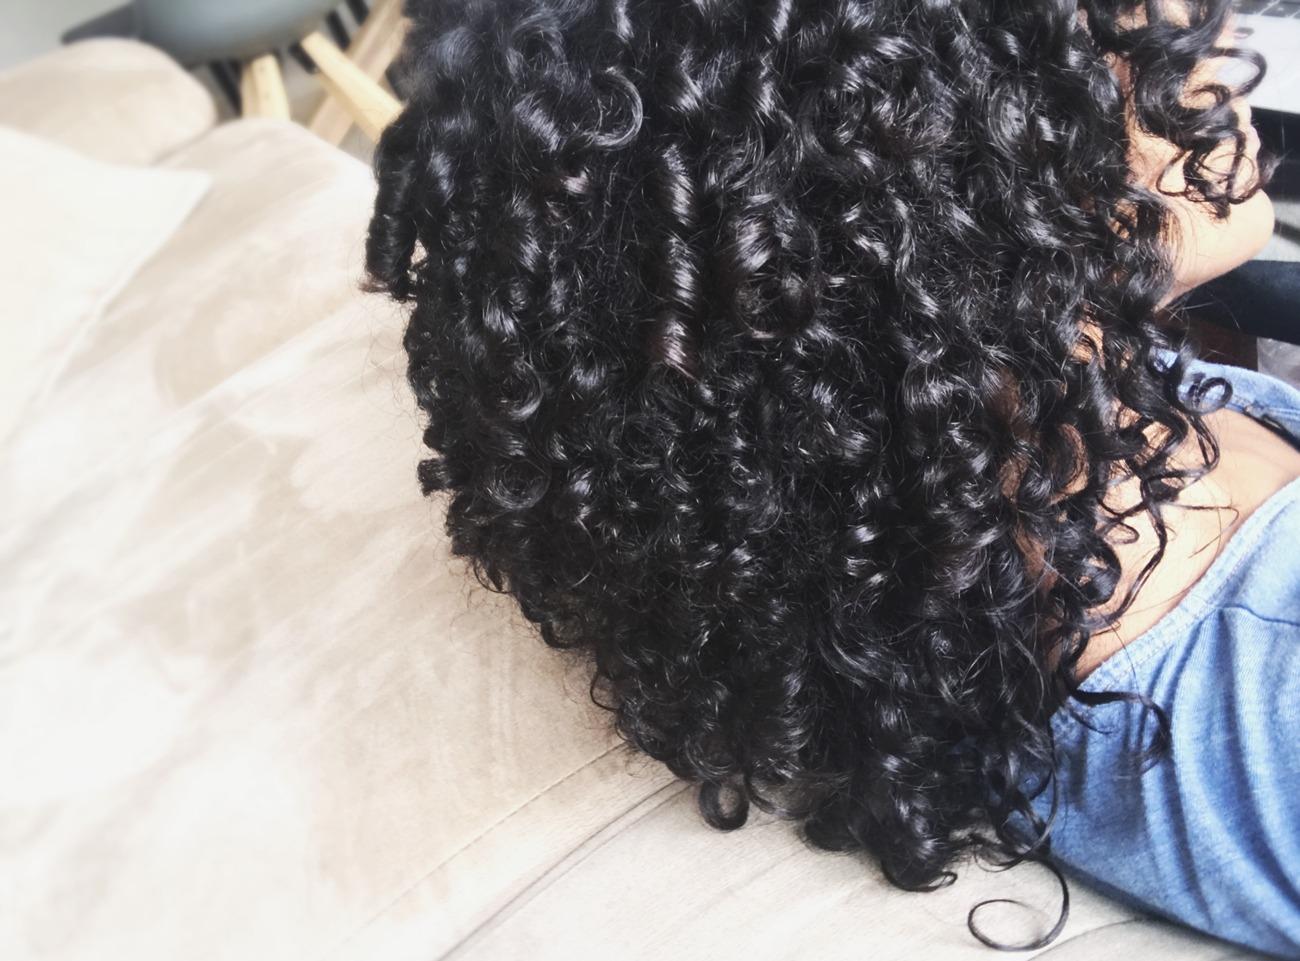 Amado Cuidados com cabelos cacheados/crespos no exterior | Cacheia! NJ12